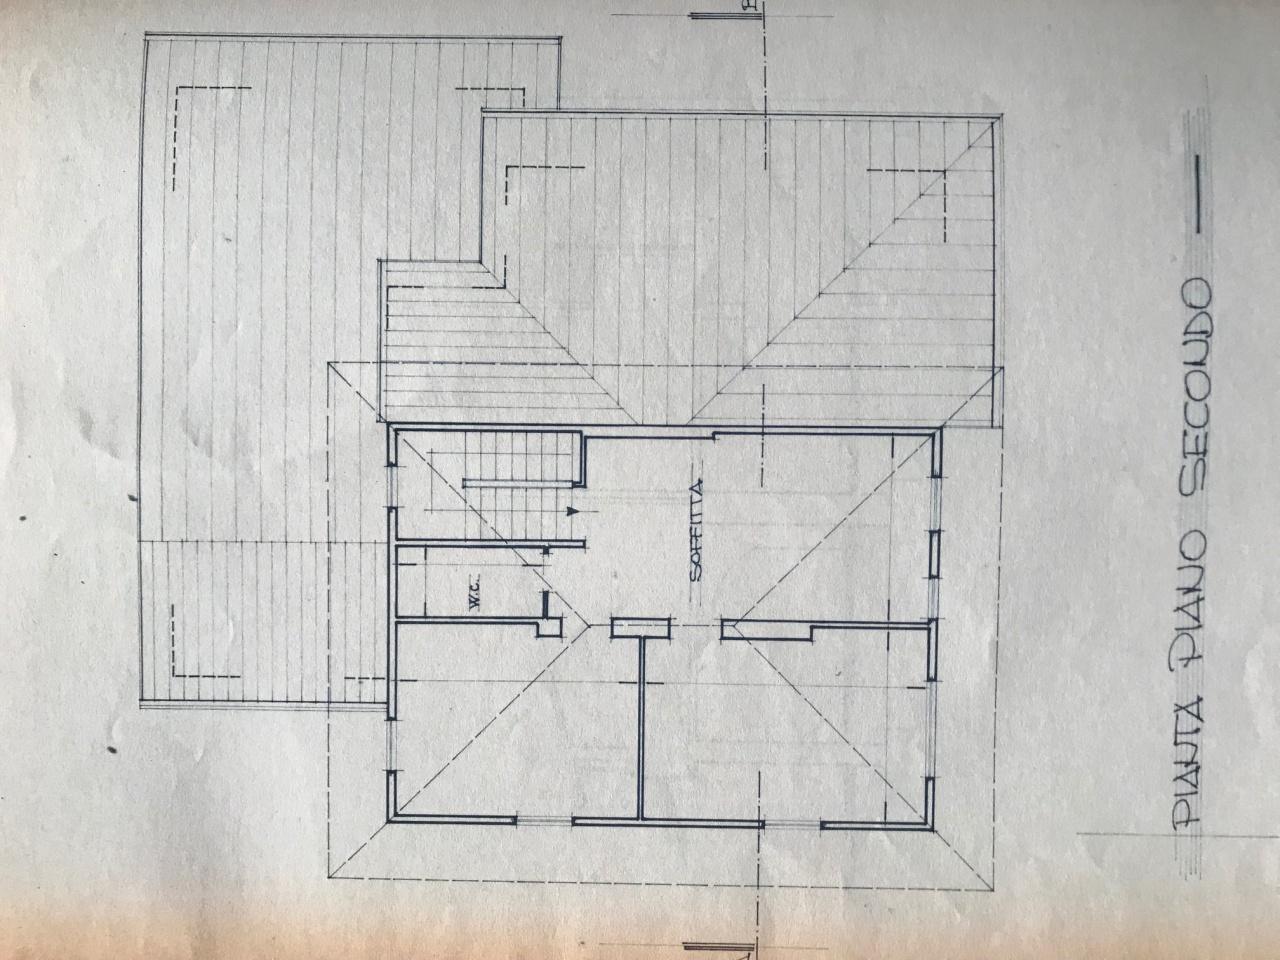 Planimetria_23